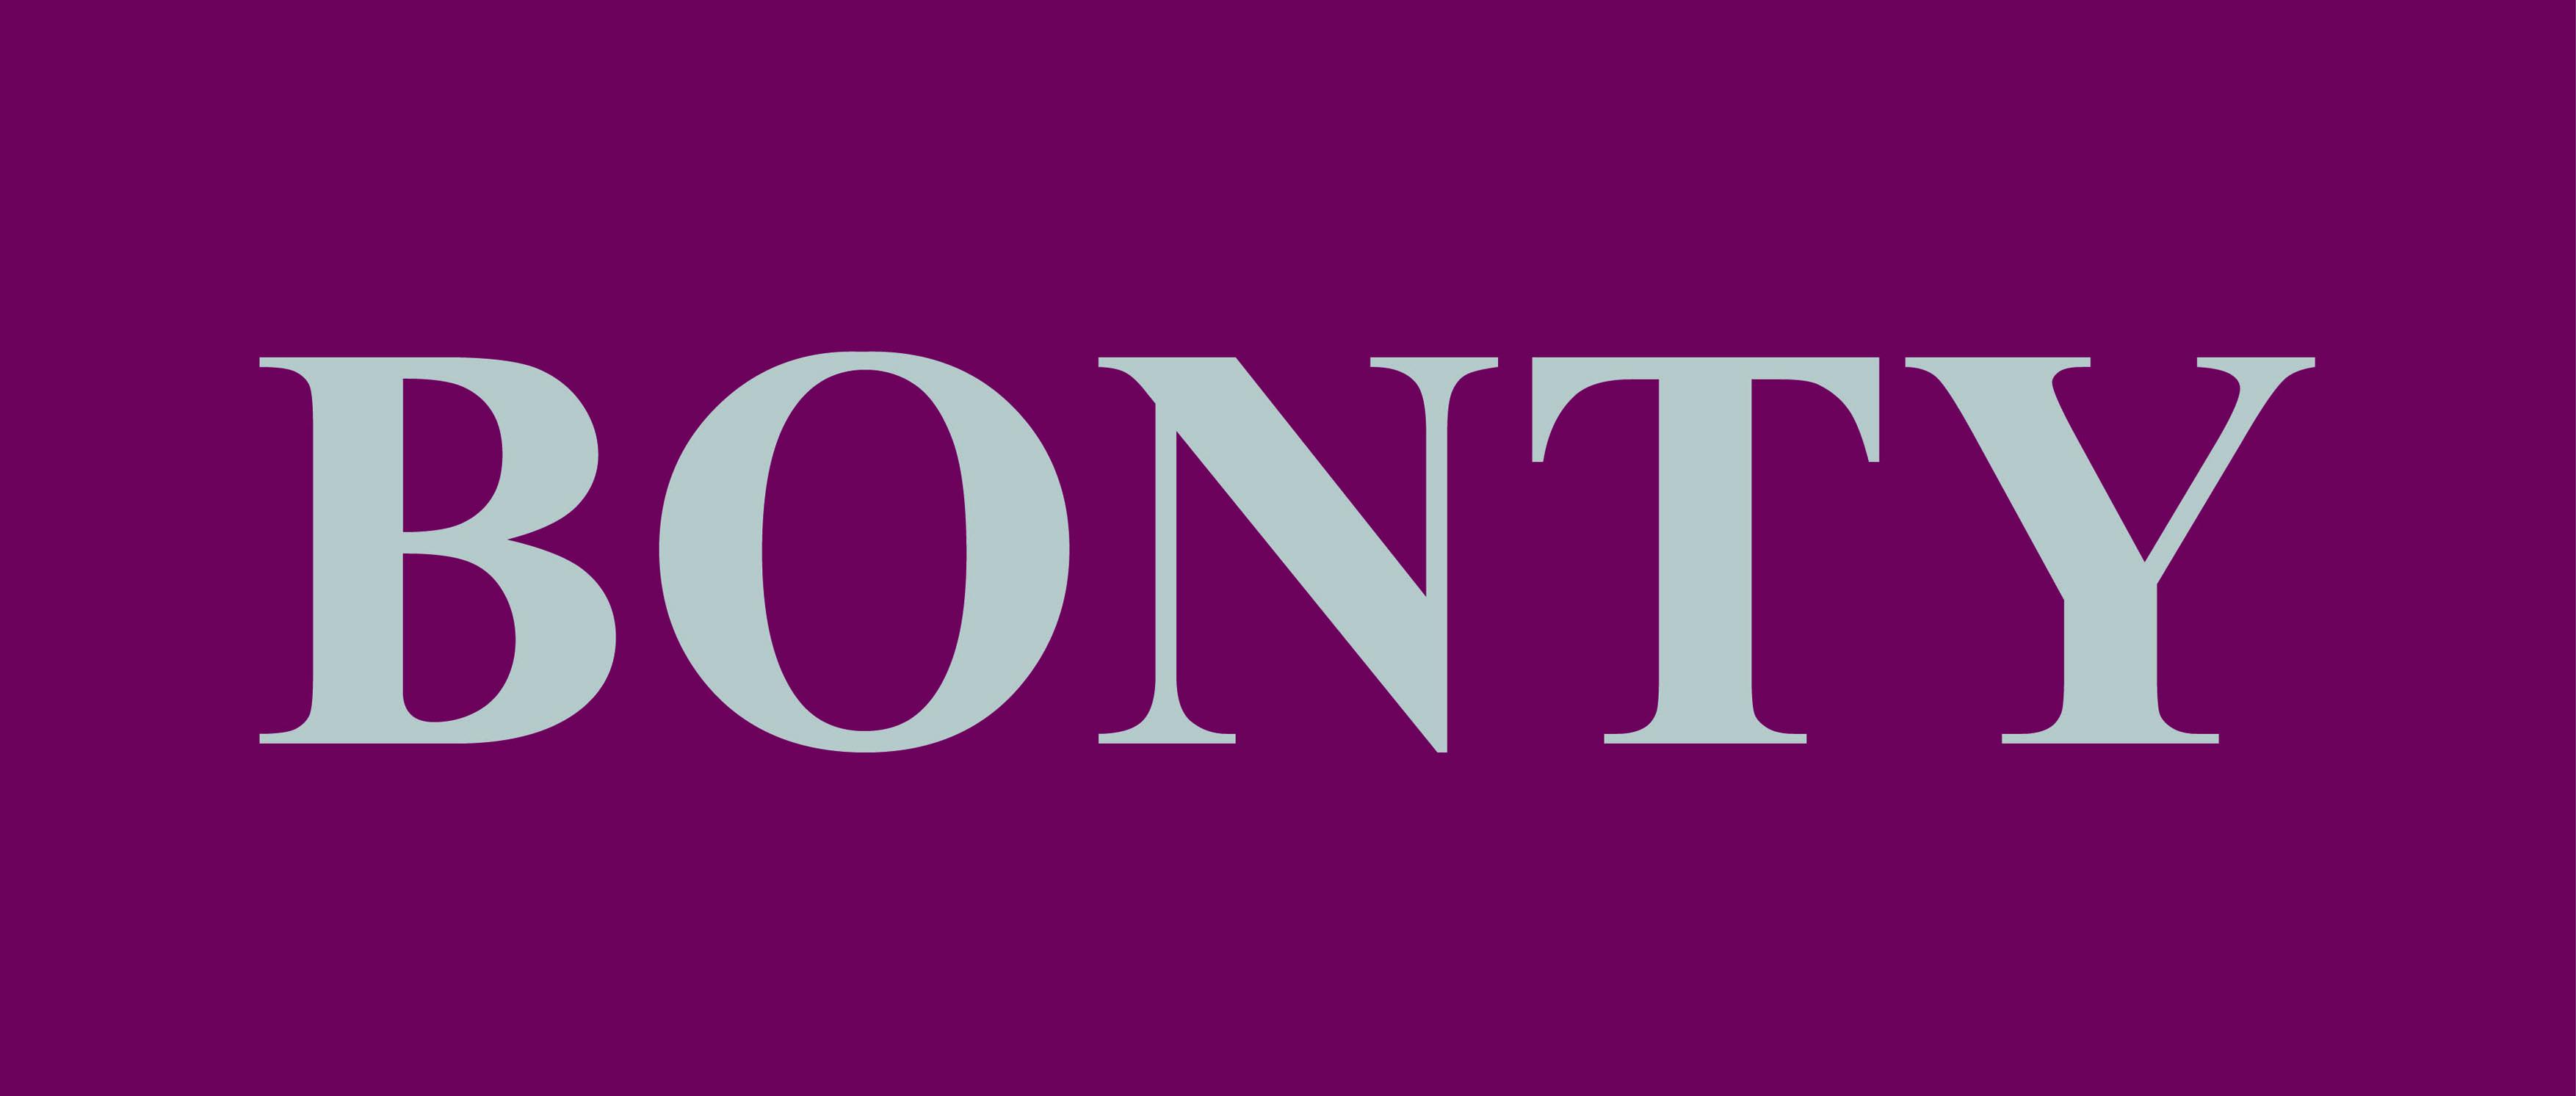 BONTY